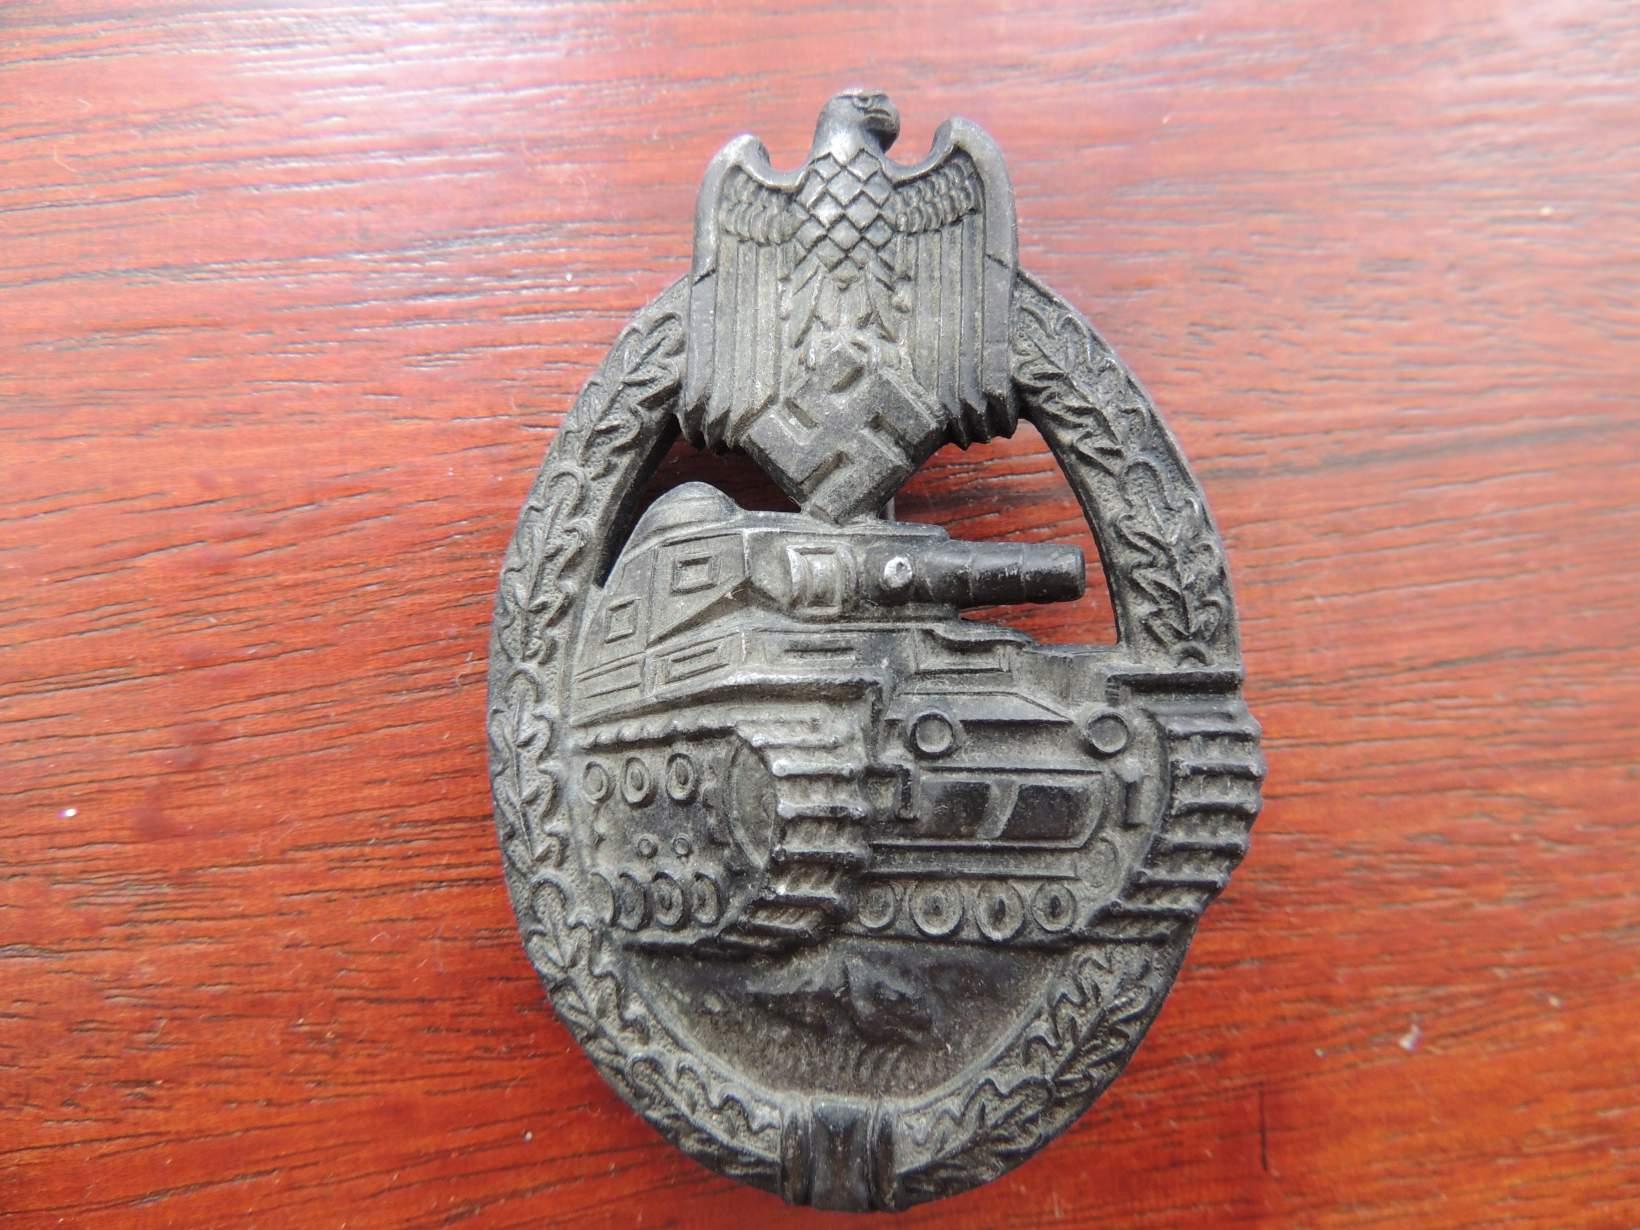 Panzerkampfabzeichen original or repro?